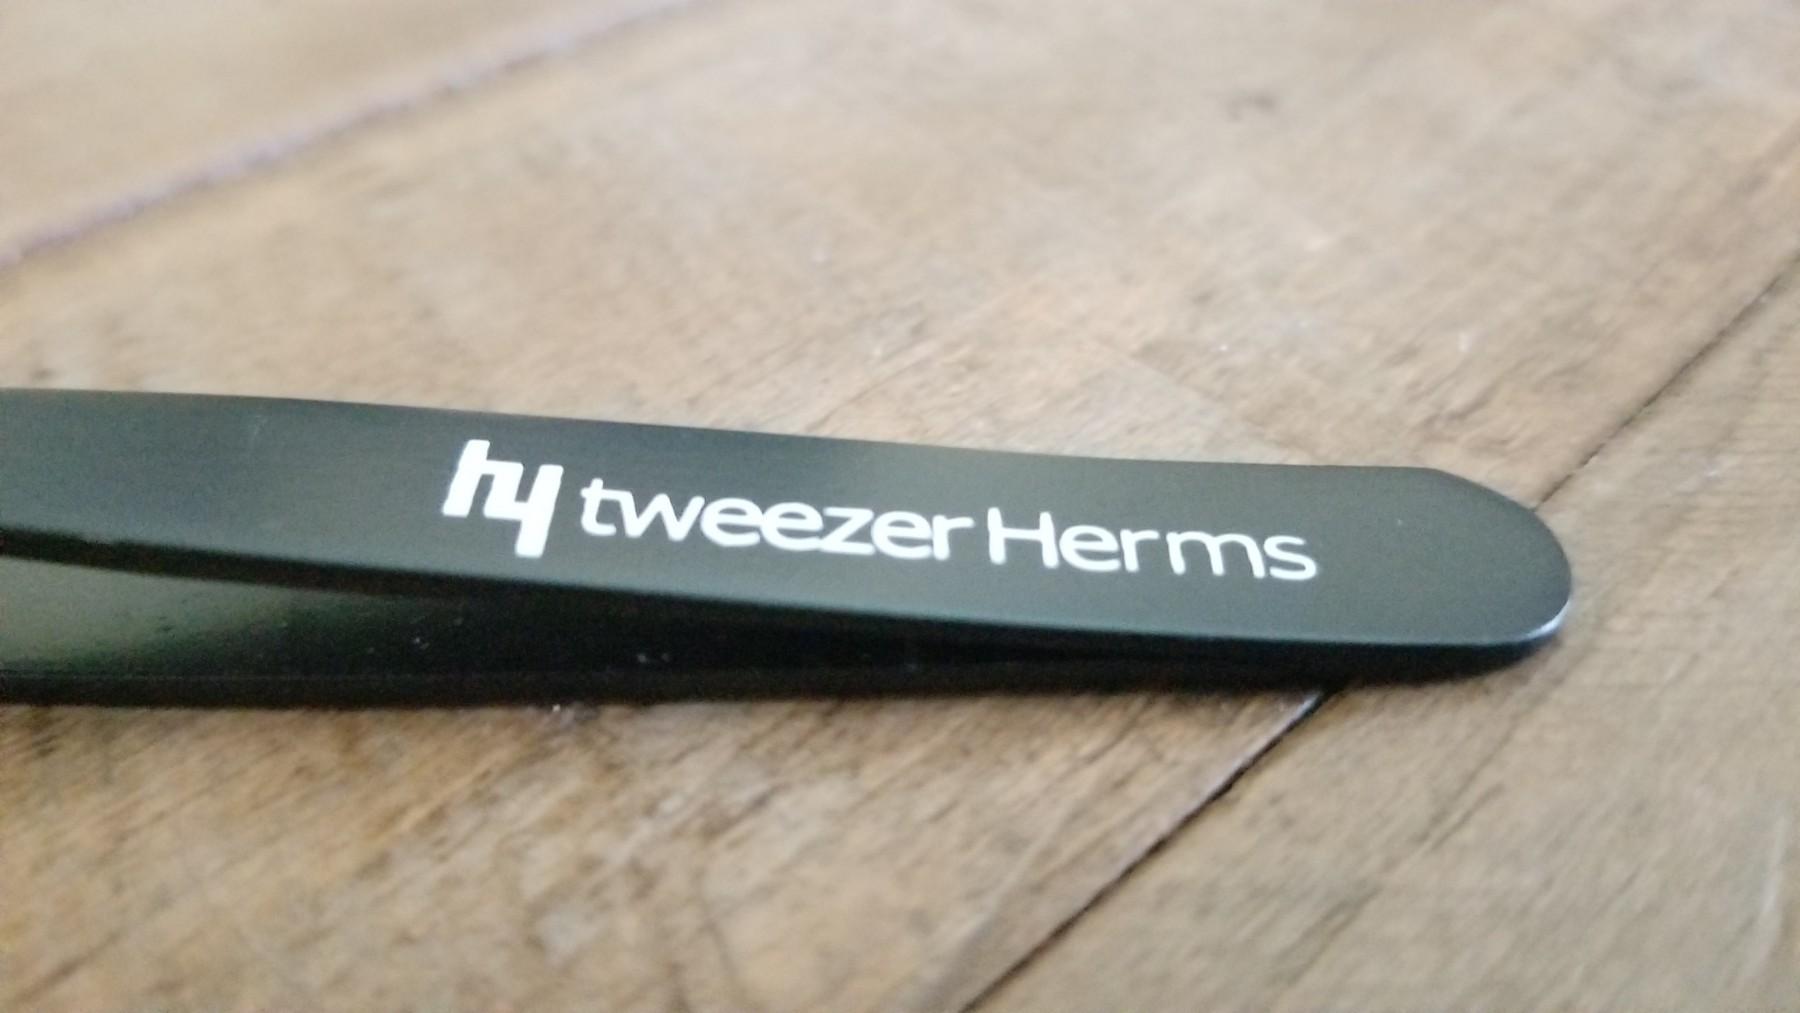 Good set of tweezers